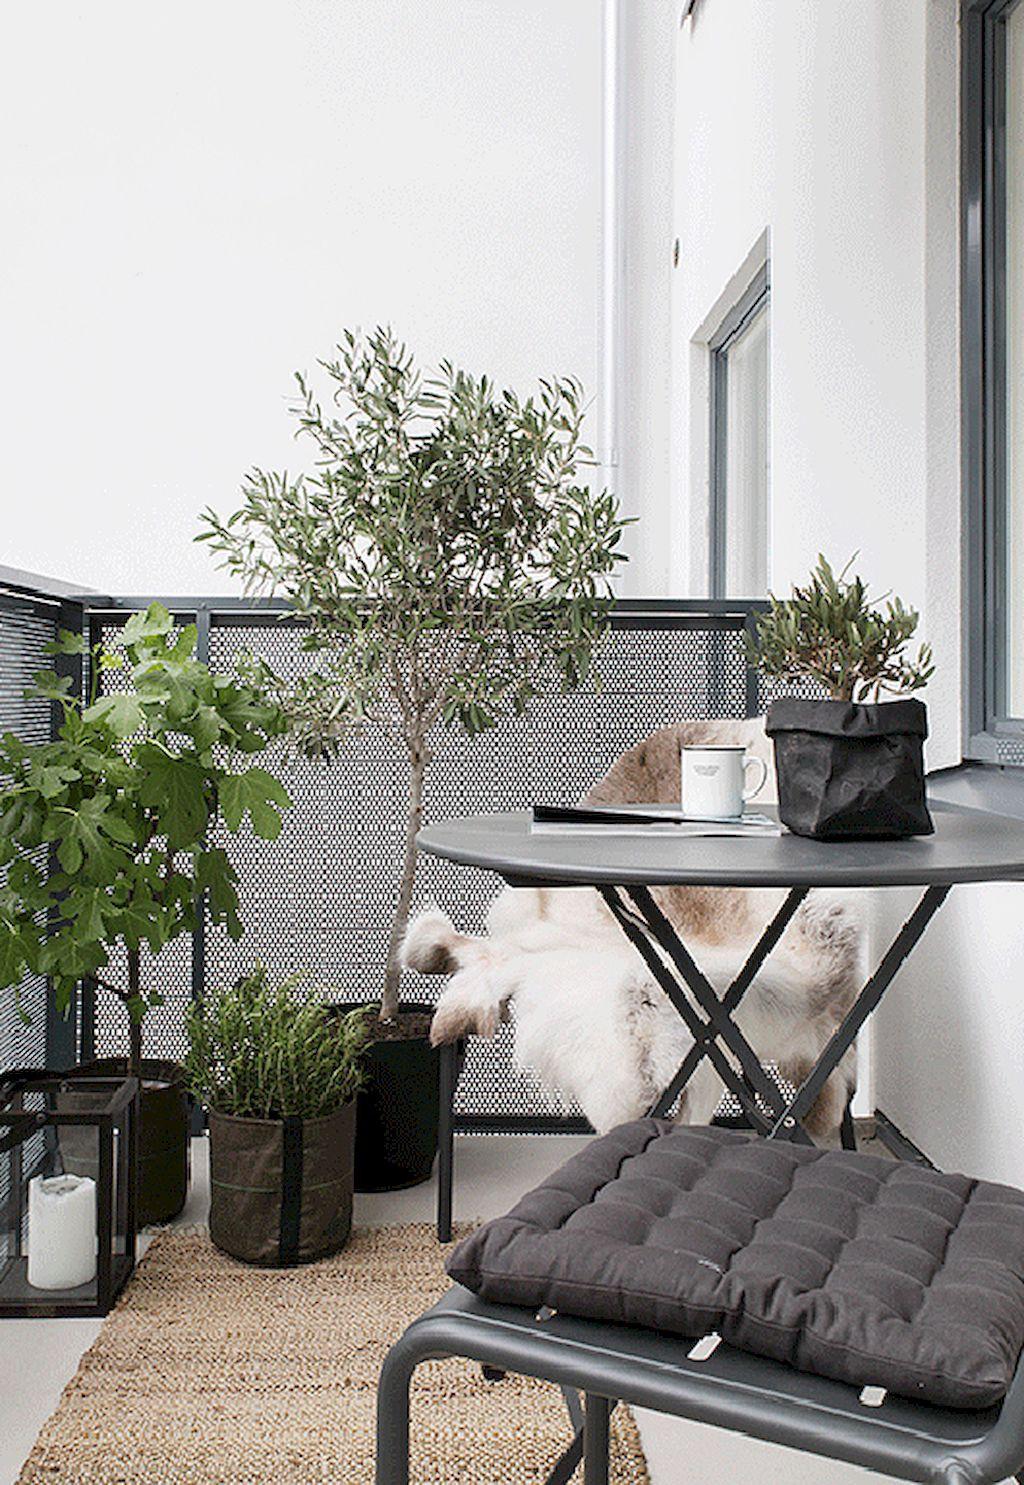 2 cách trang trí ban công đẹp lung linh khiến bạn chỉ muốn ngồi ngay vào khi bước chân về nhà - Ảnh 8.